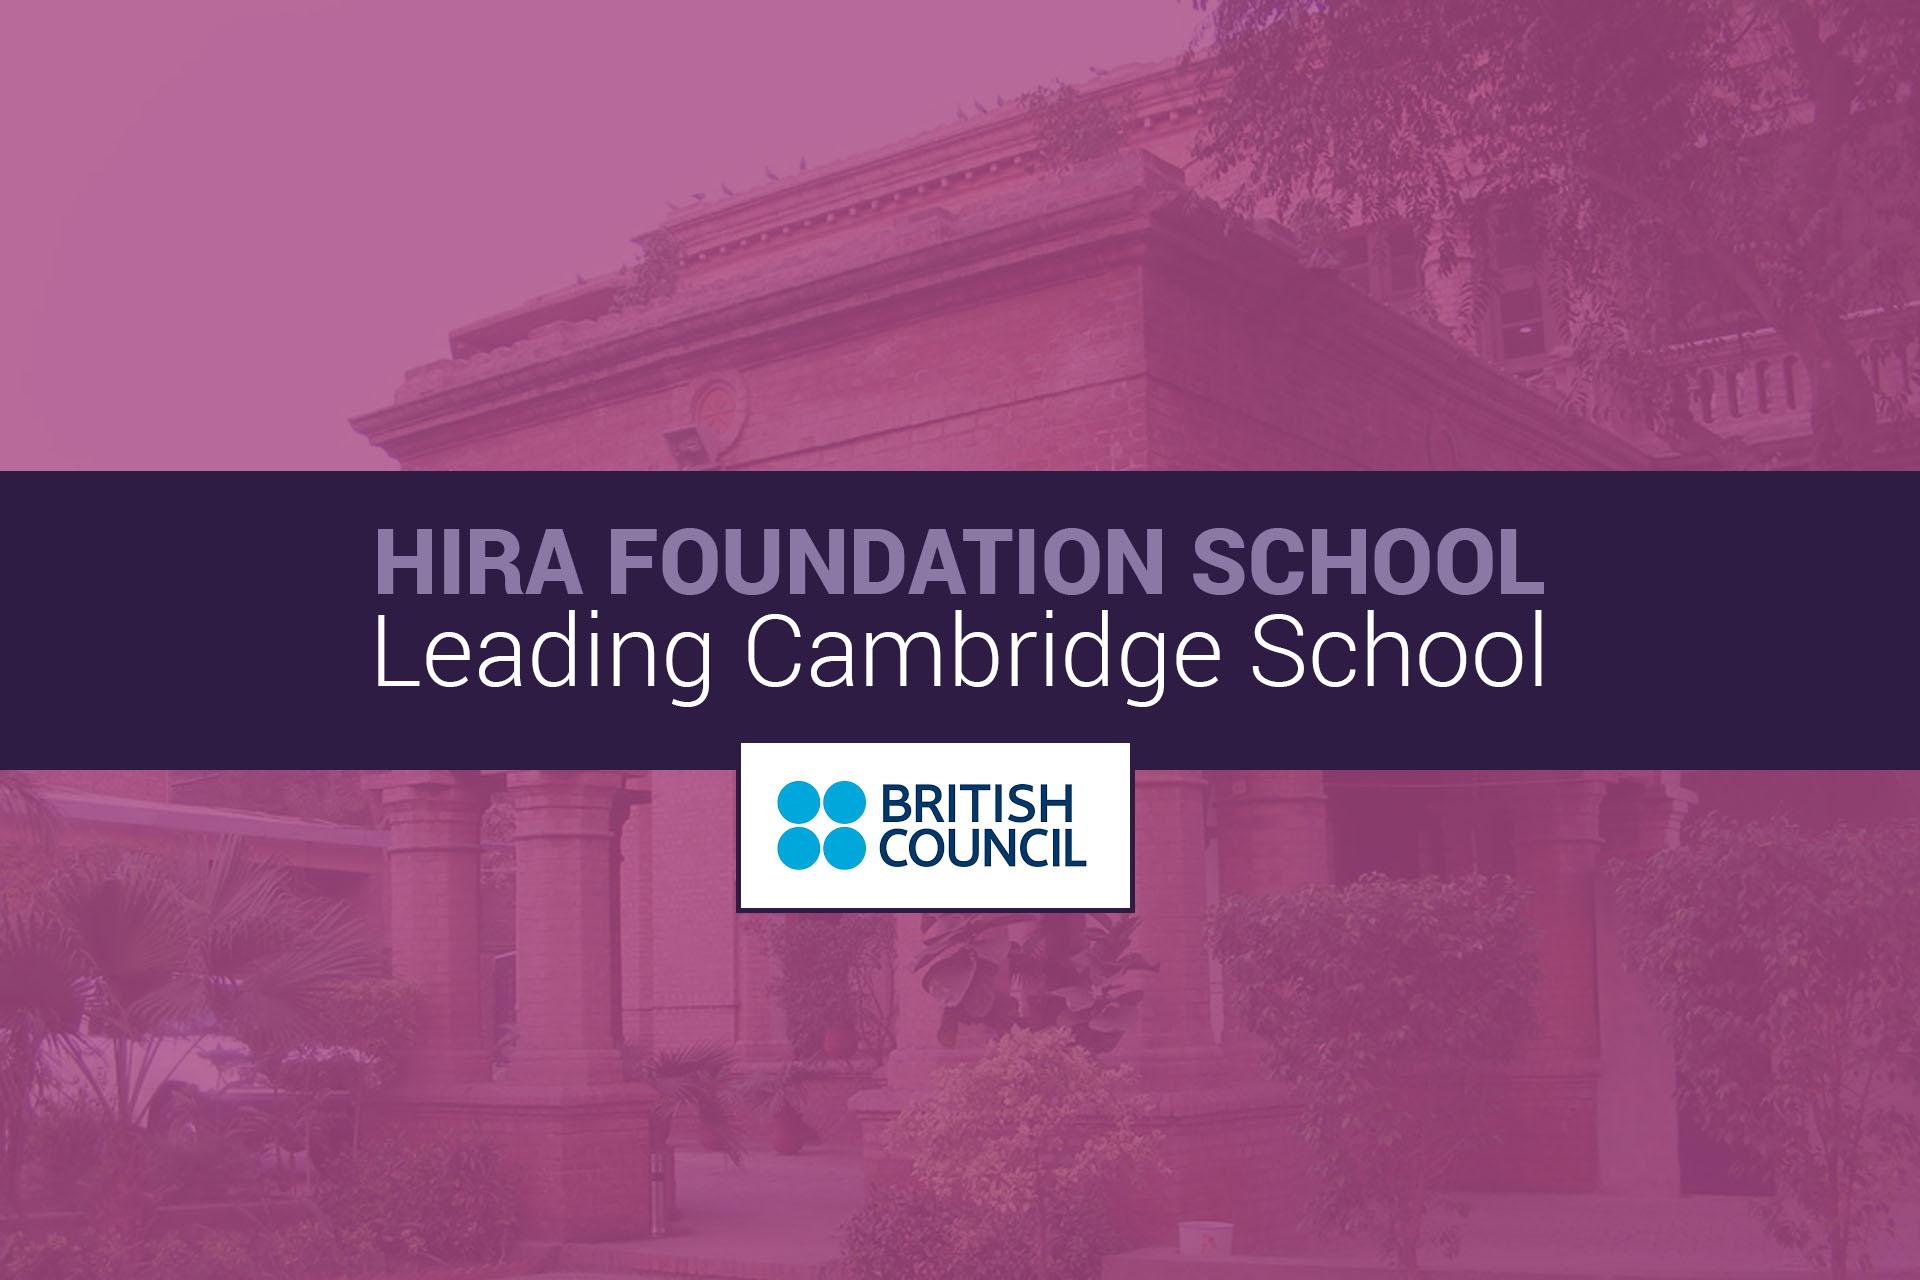 LEADING CAMBRIDGE SCHOOL